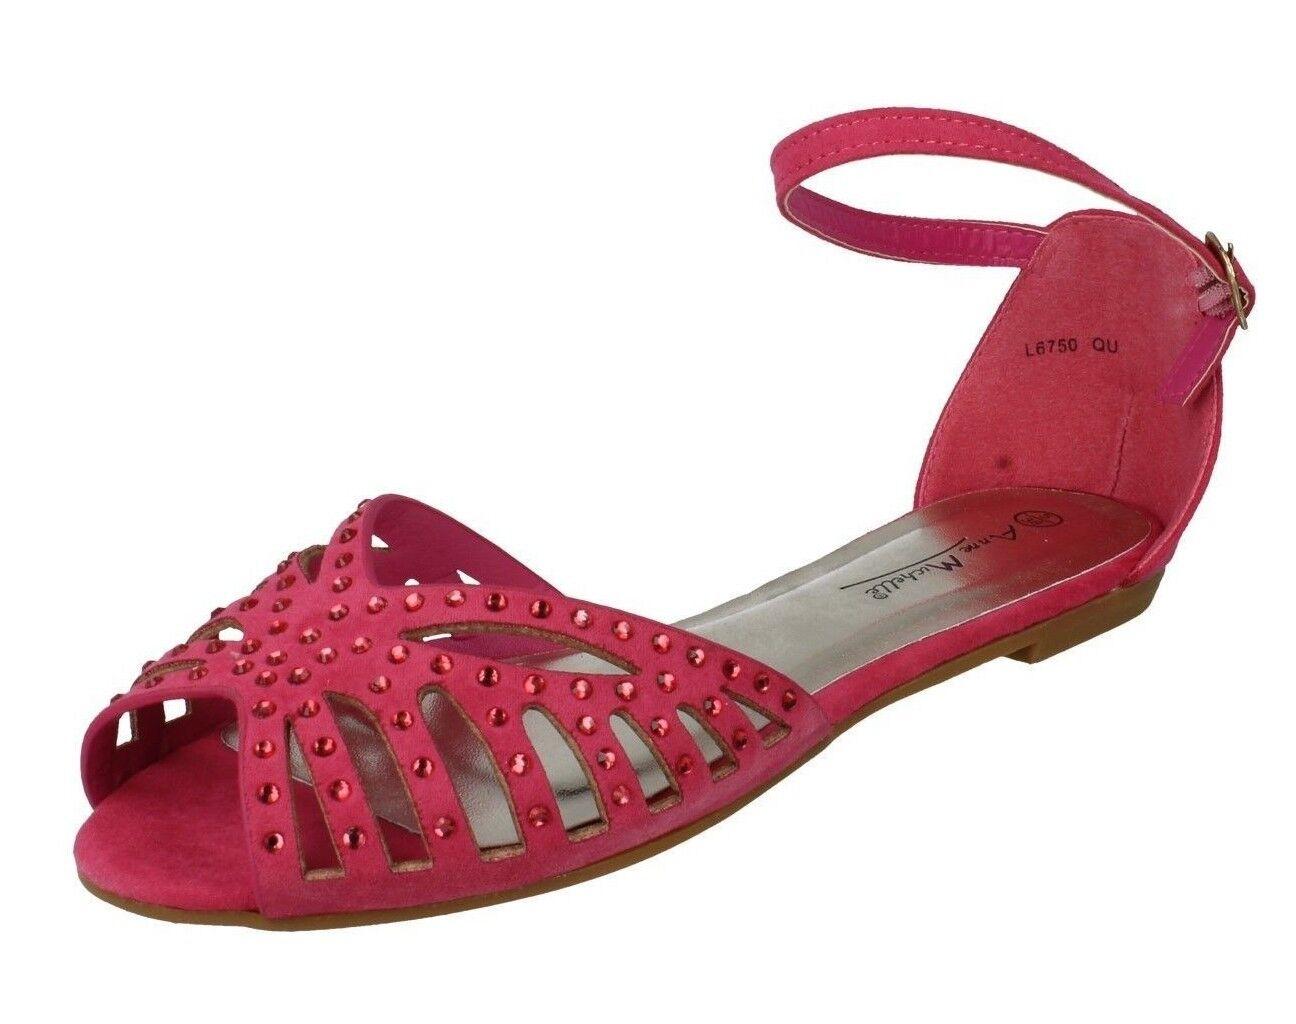 Anne Strap Michelle L6750 Ladies Ankle Strap Anne Sandal Fuchsia (36A) (Kett) 71ad05